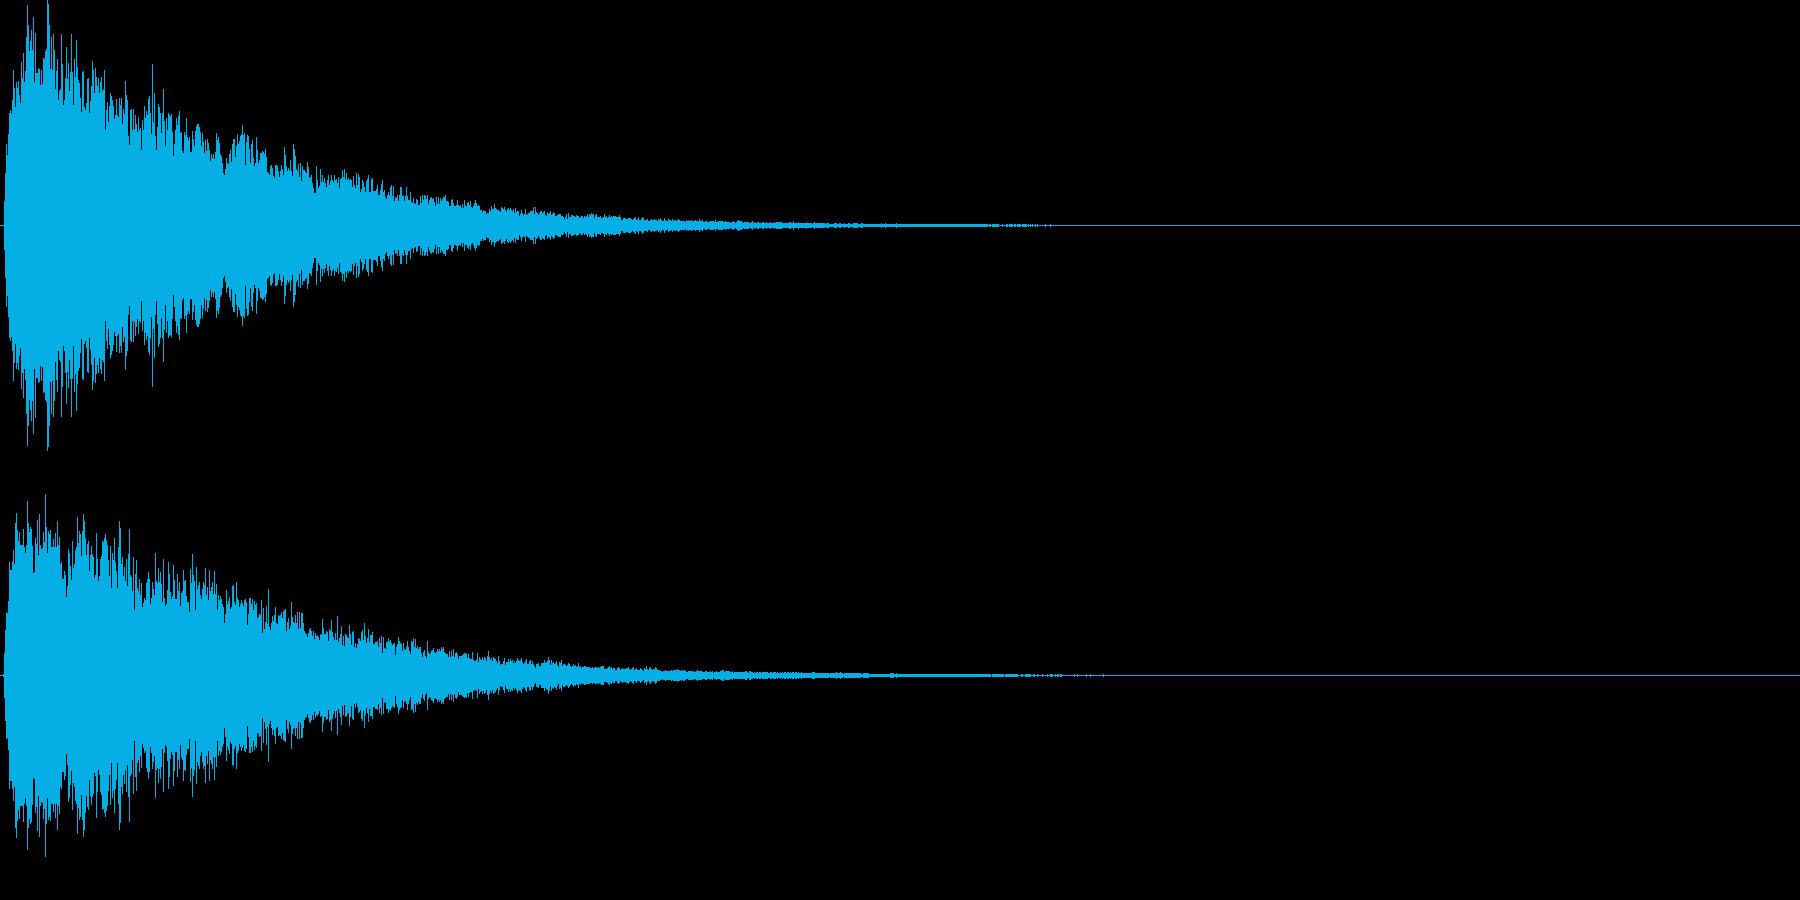 パーン。気がつく・思い出す音Bの再生済みの波形